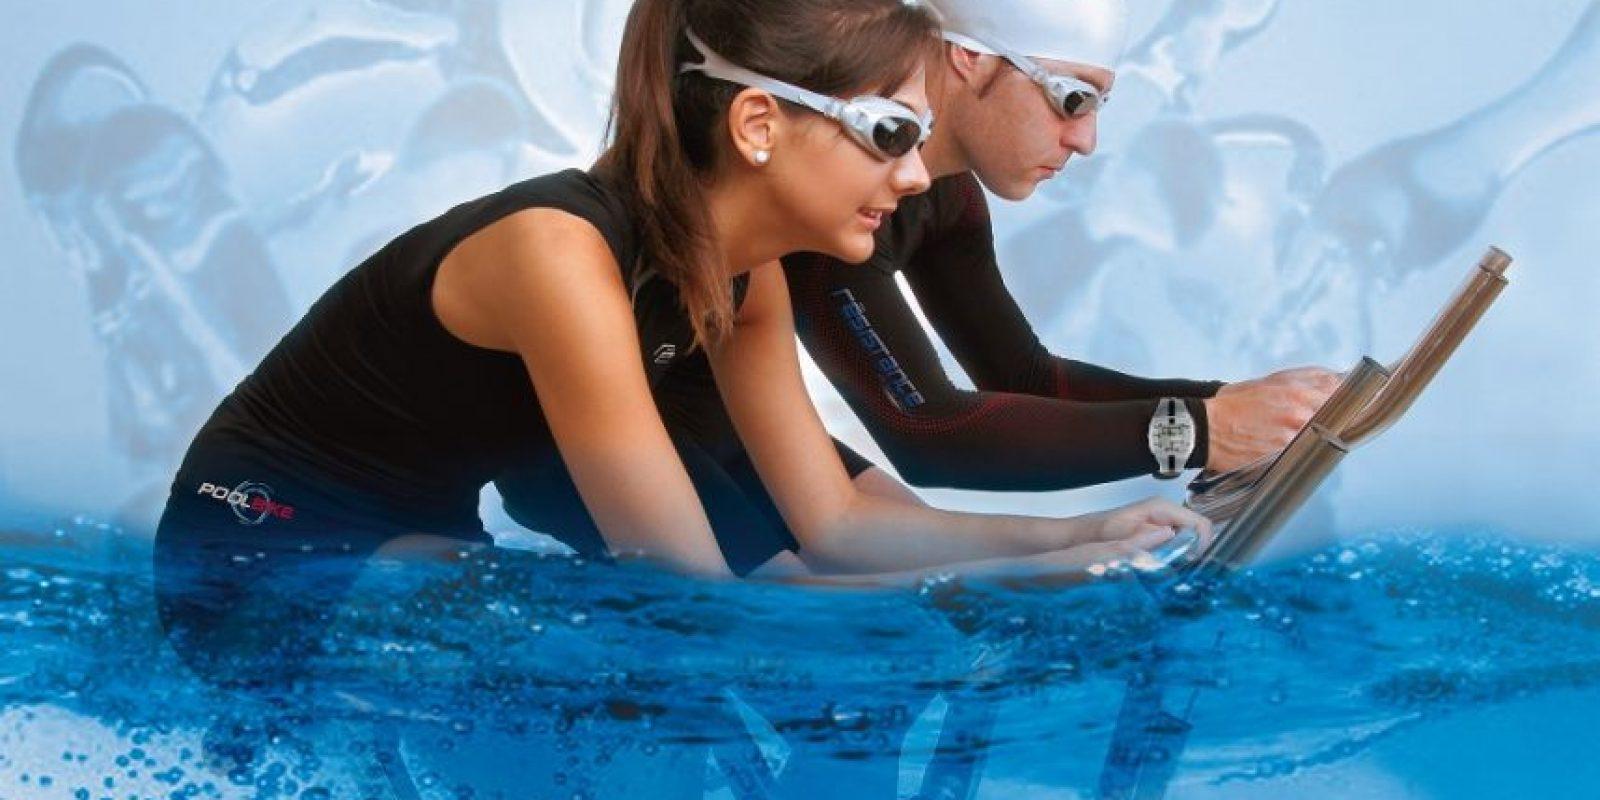 Los entrenamientos de bicicleta acuática ayudan a perder hasta 450 calorías en una sesión de 45 minutos. Foto:Fuente Externa